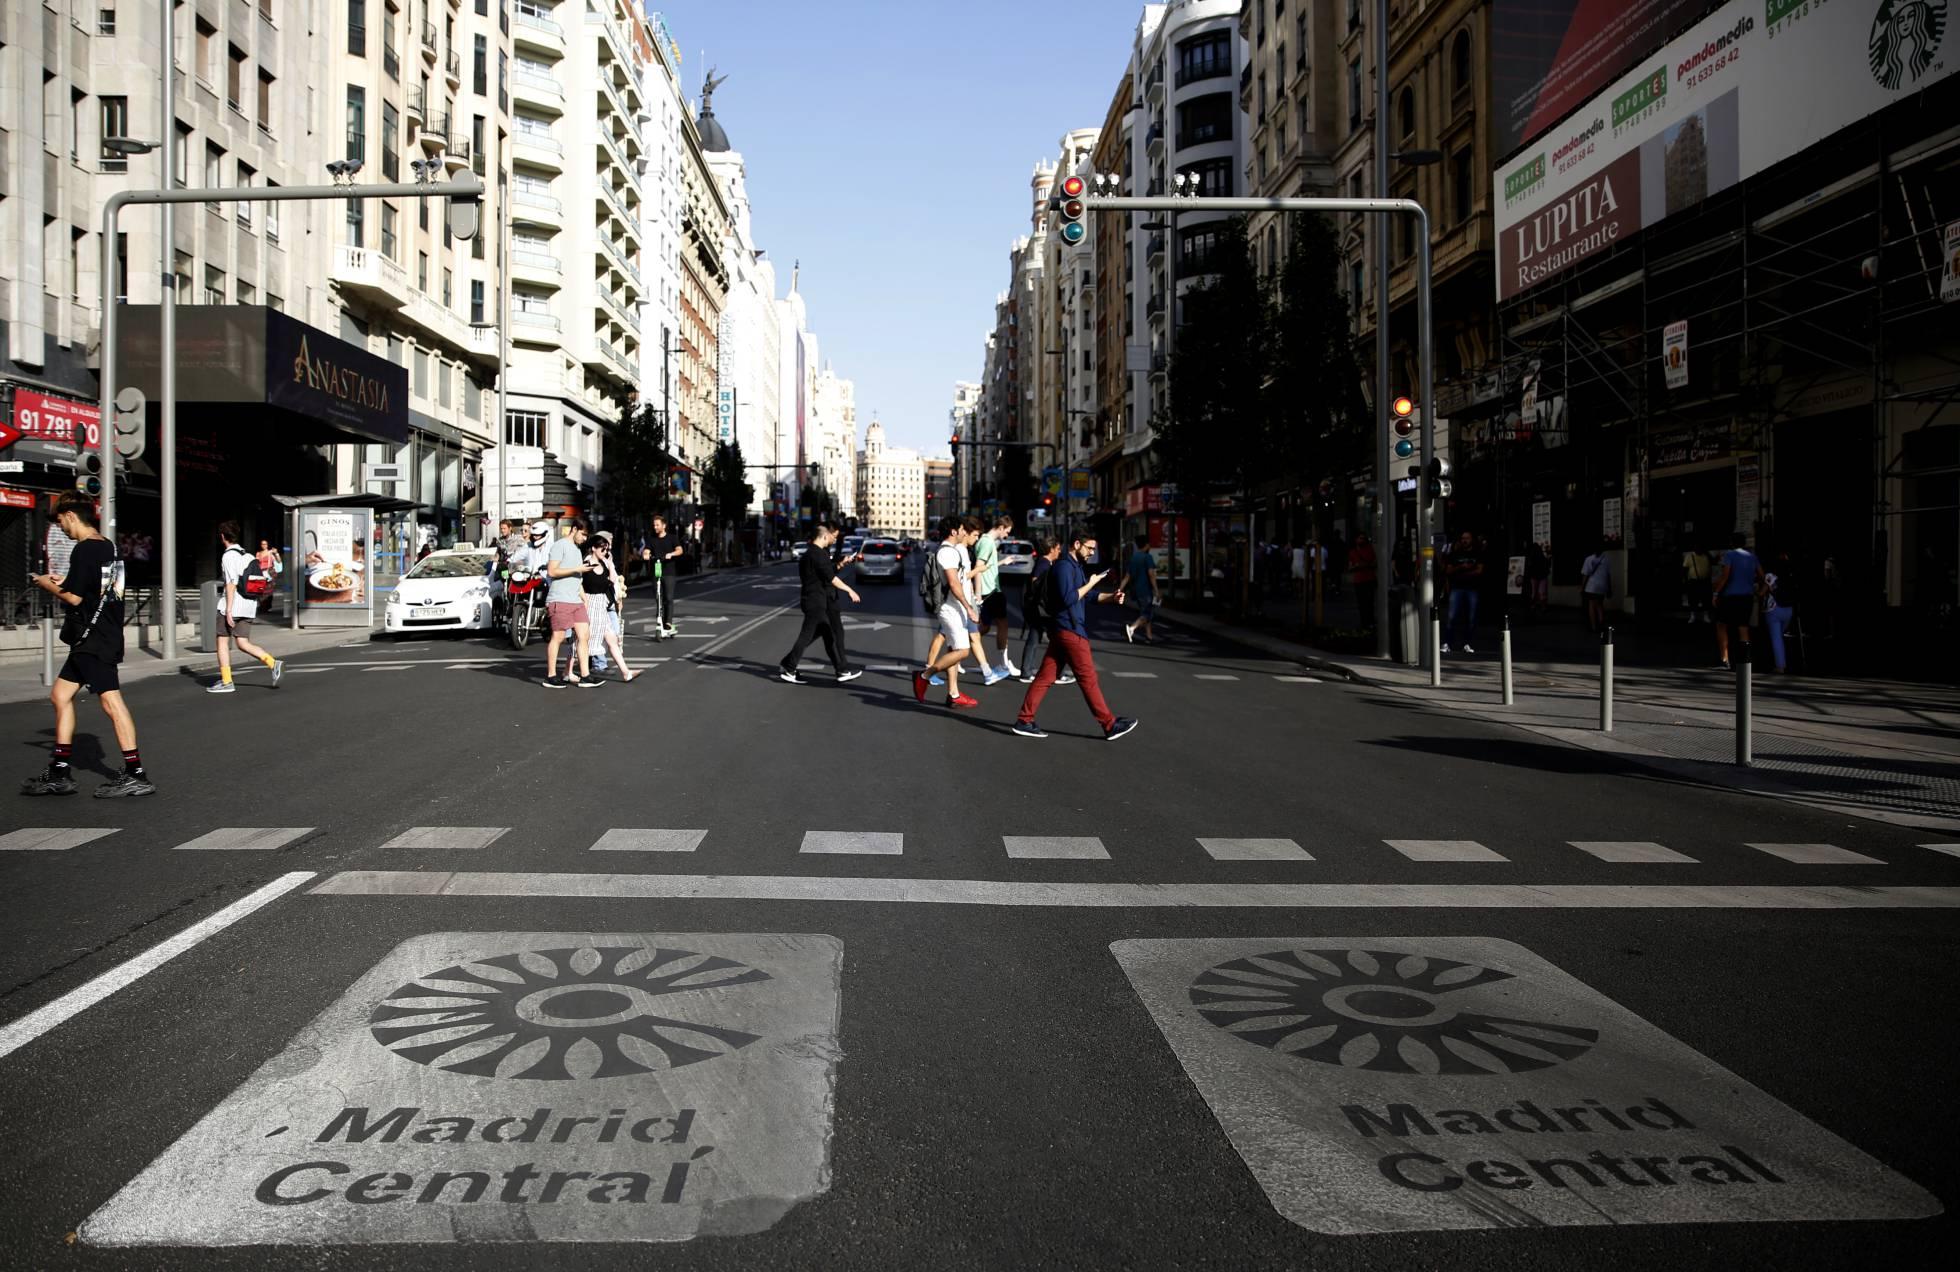 Мадрид стал самым чистым городом в рамках программы по защите окружающей среды в Европе